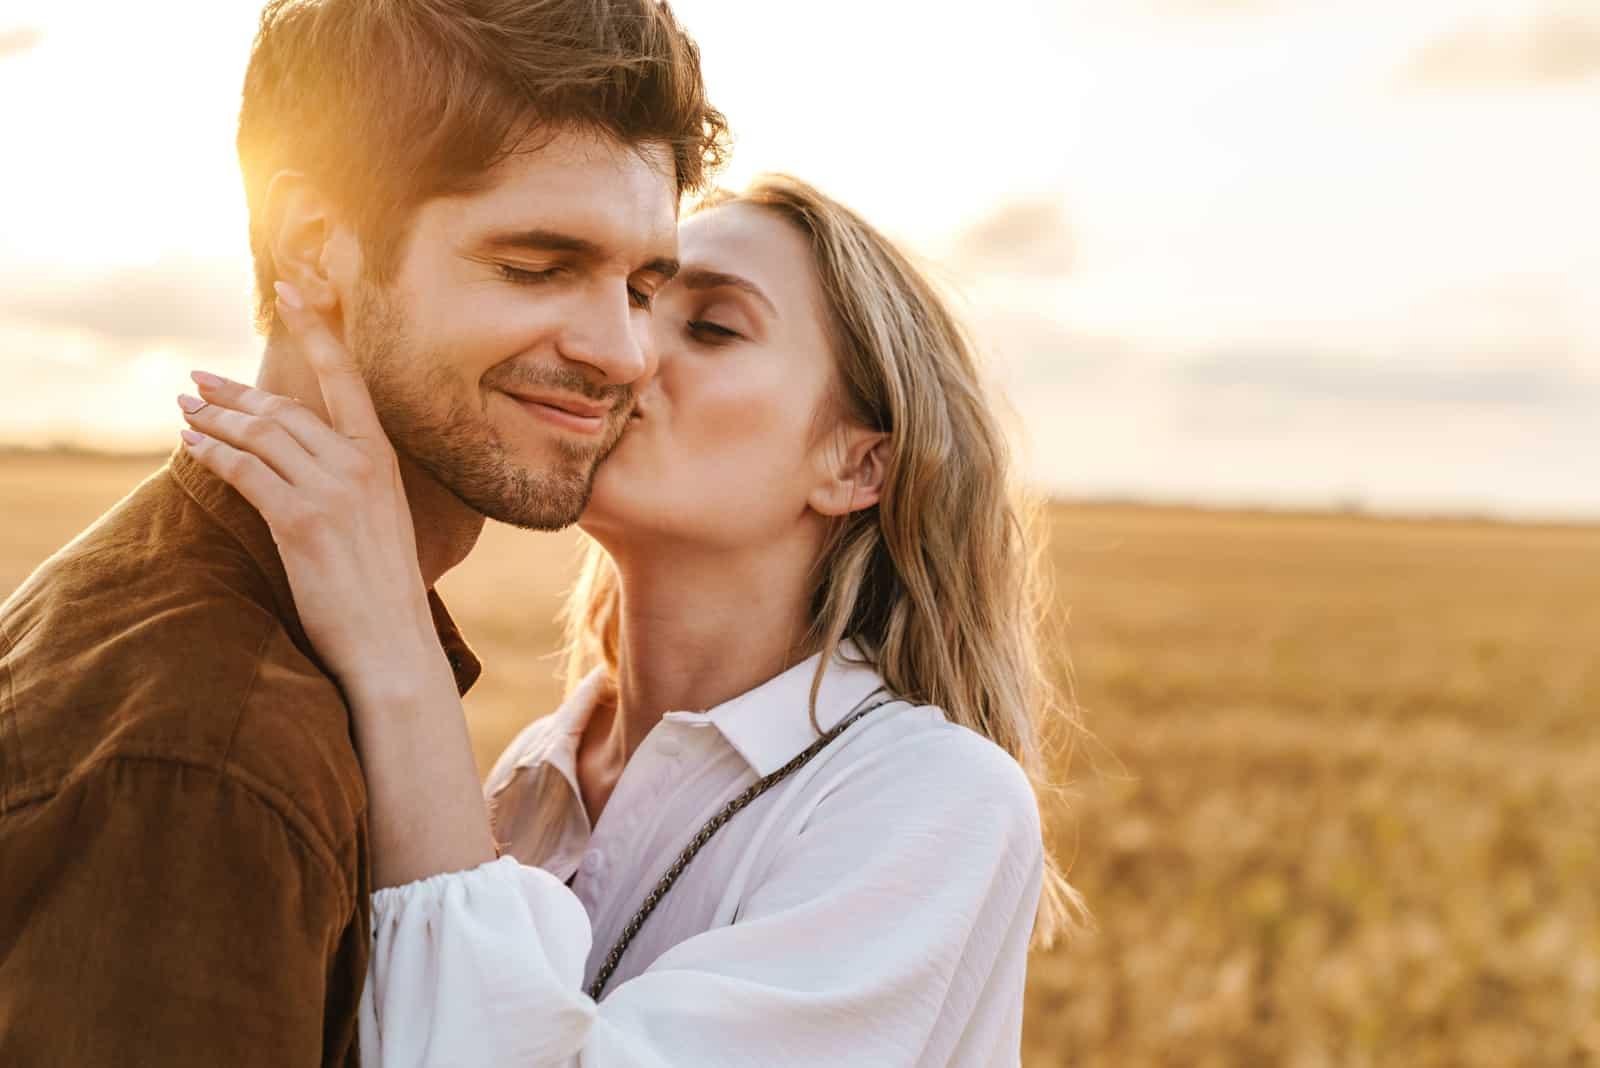 kaukasisches schönes Paar, das sich küsst und umarmt